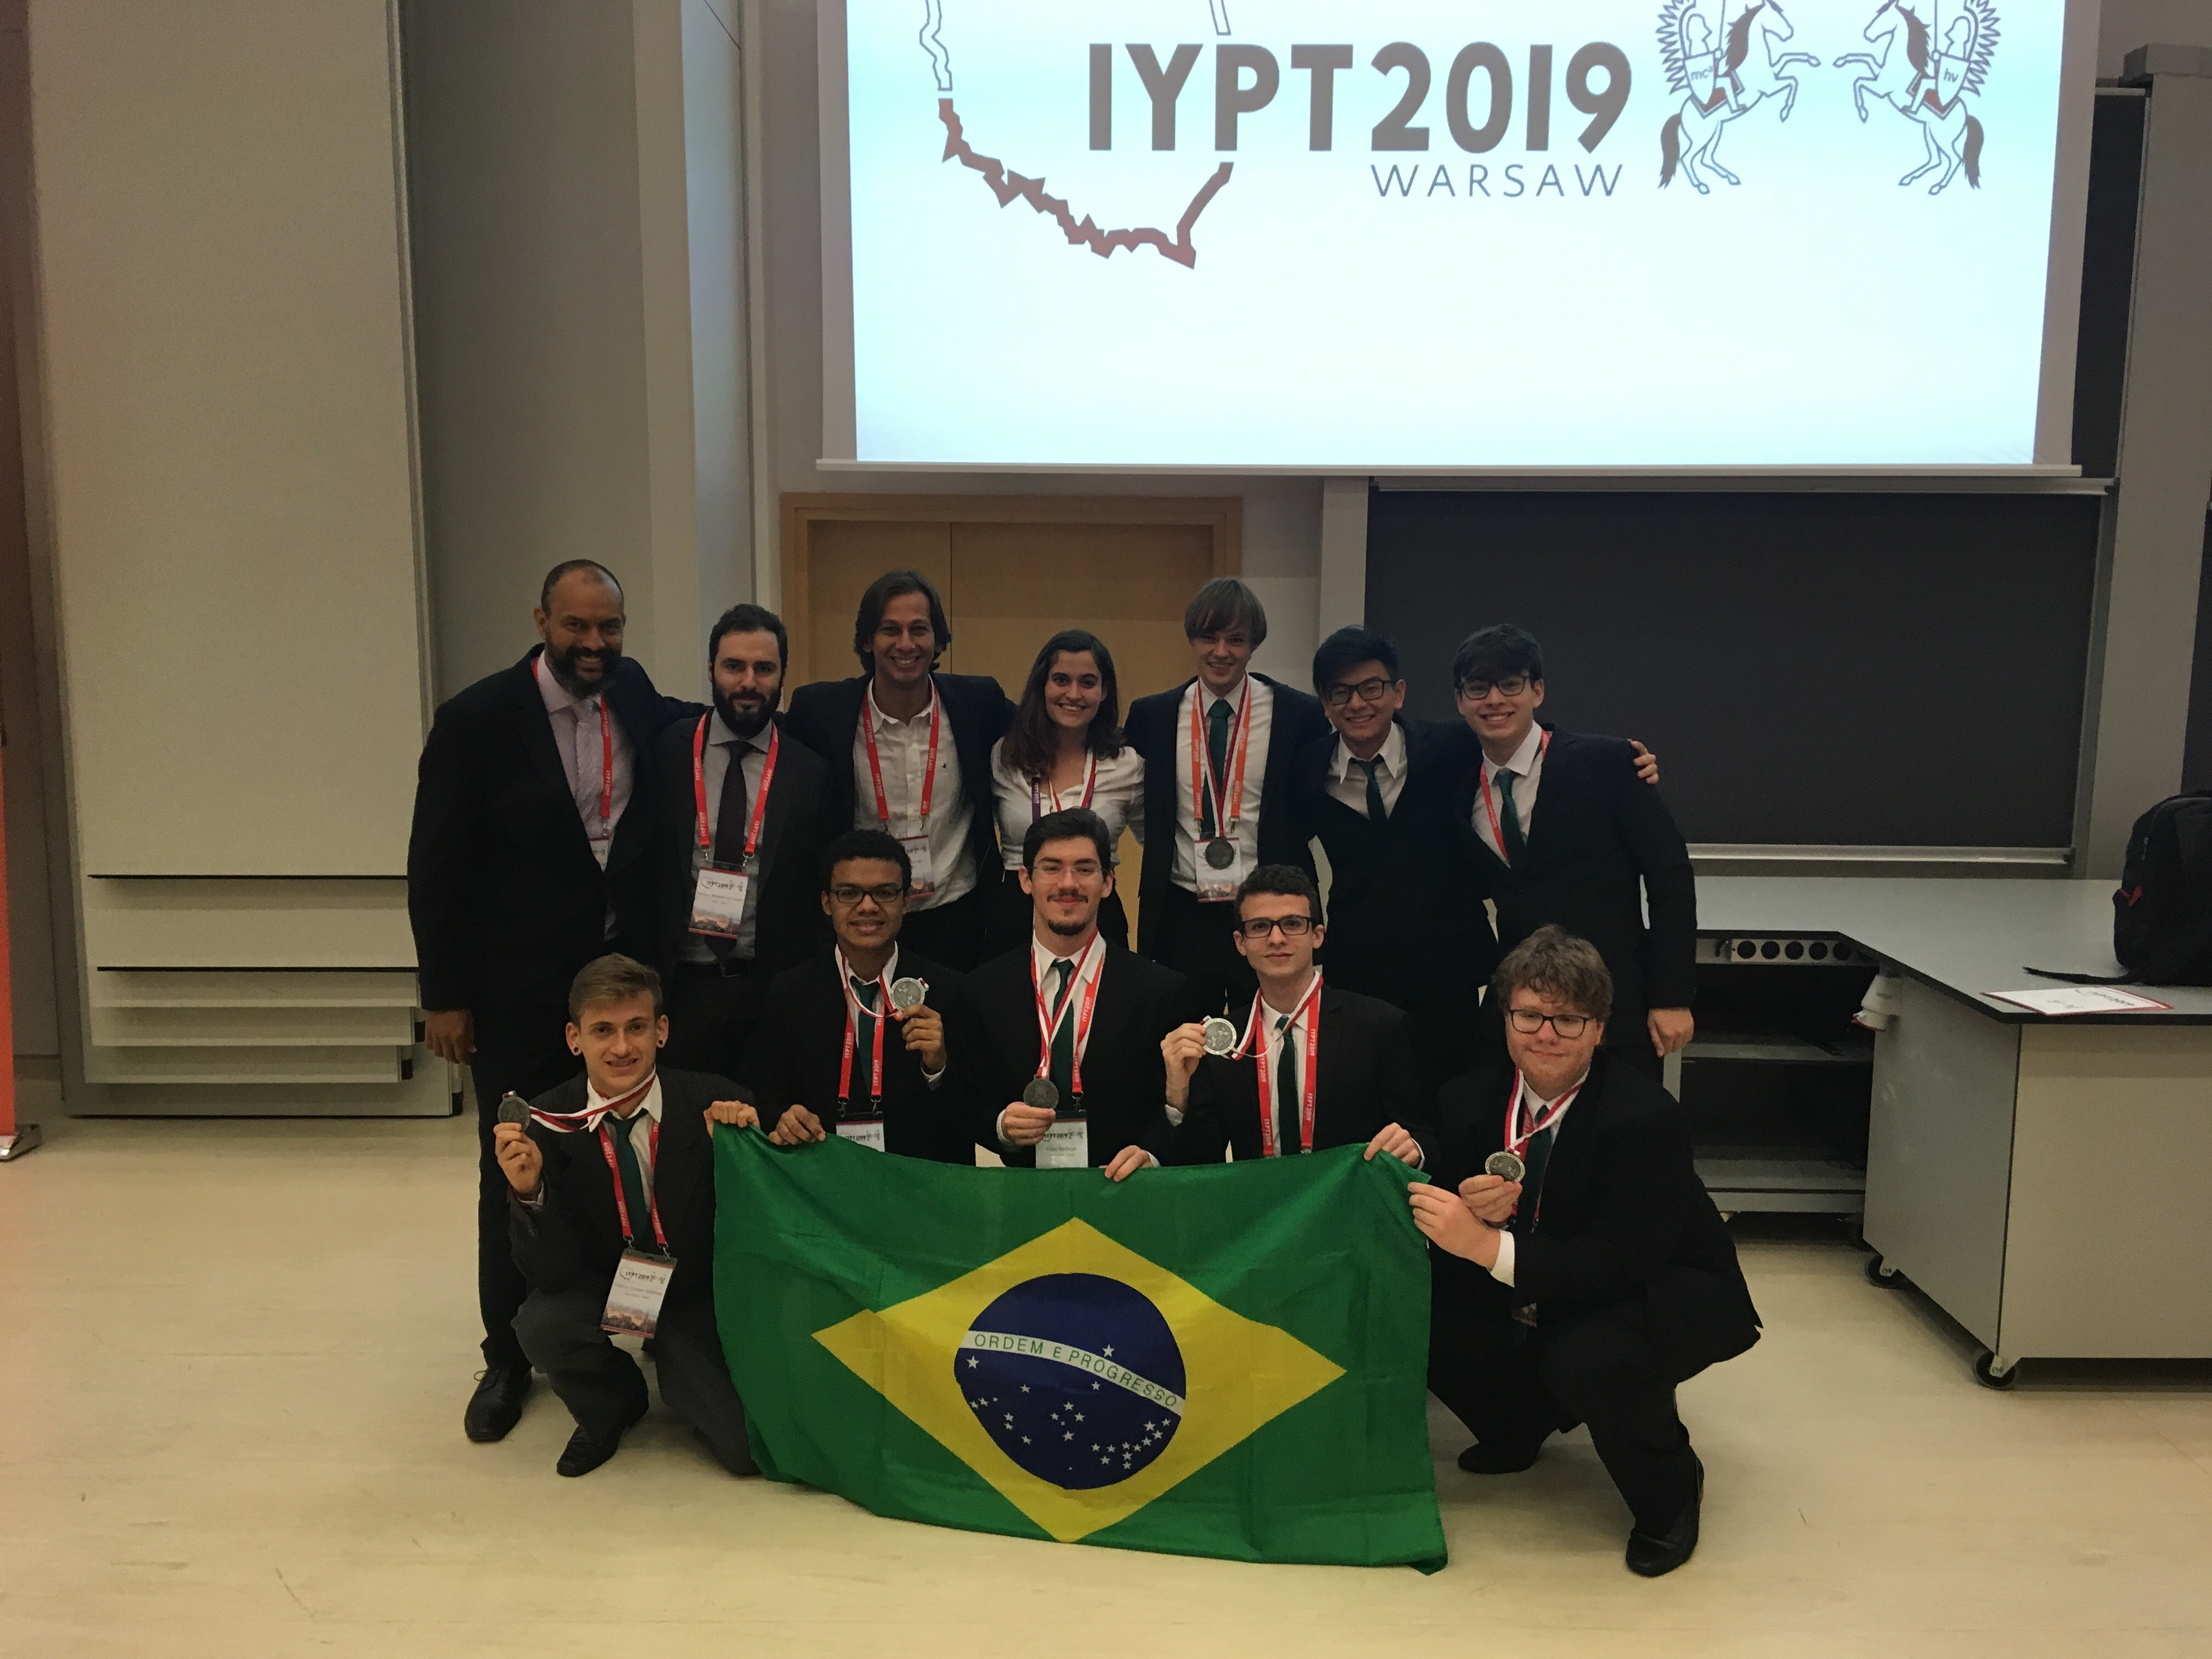 Brasil ganha medalha de prata pelo 3º ano consecutivo em torneio mundial de jovens físicos - Notícias - Plantão Diário